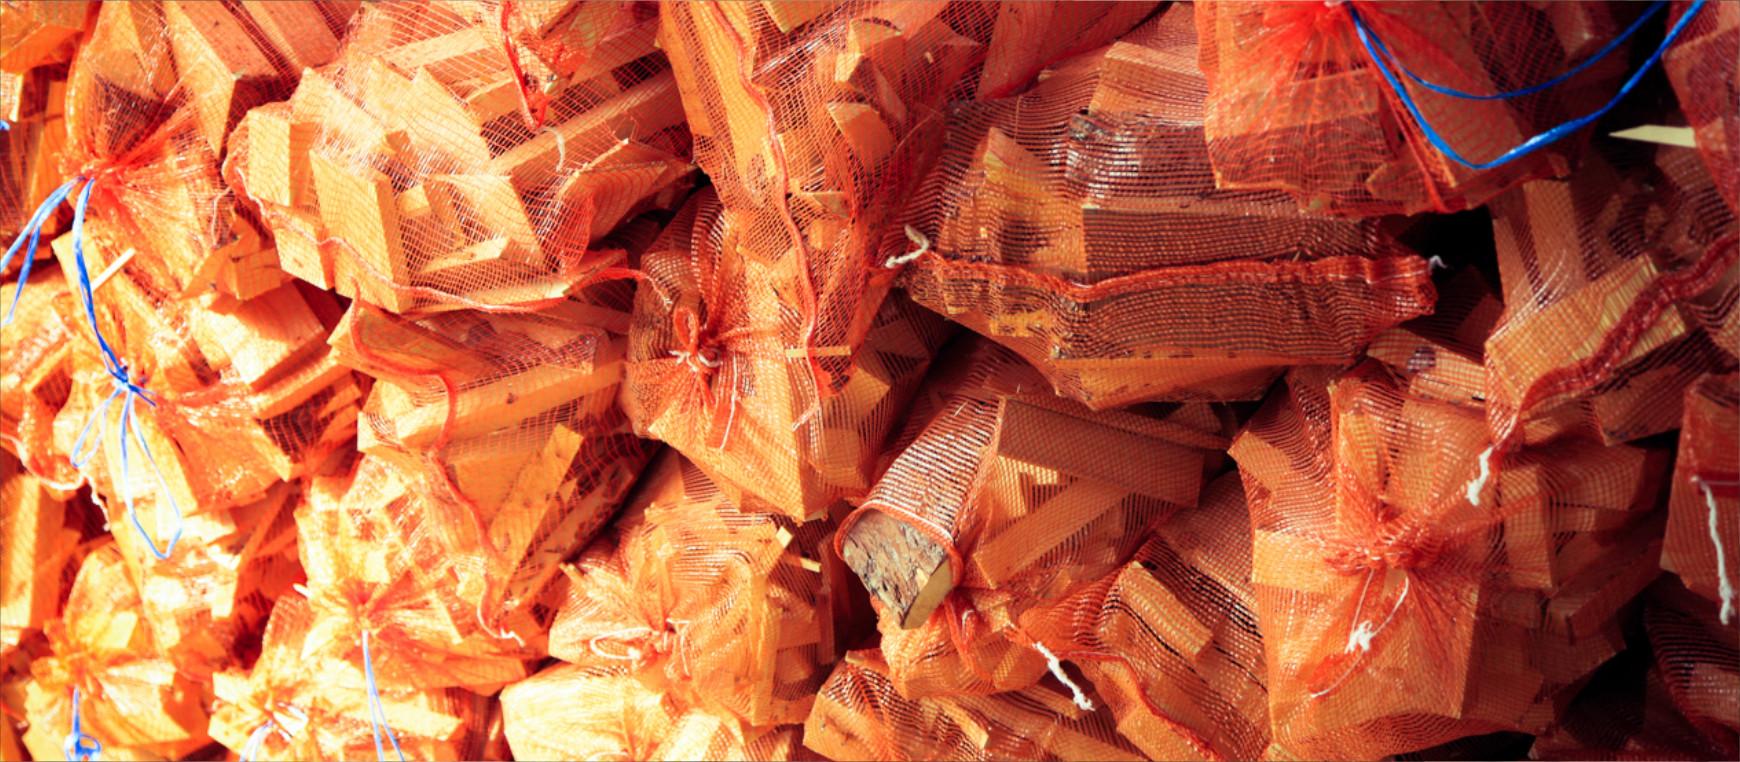 Drewno kominkowe, przygotowane do ogrzania każdego domu w chłodne kwietniowe wieczory.